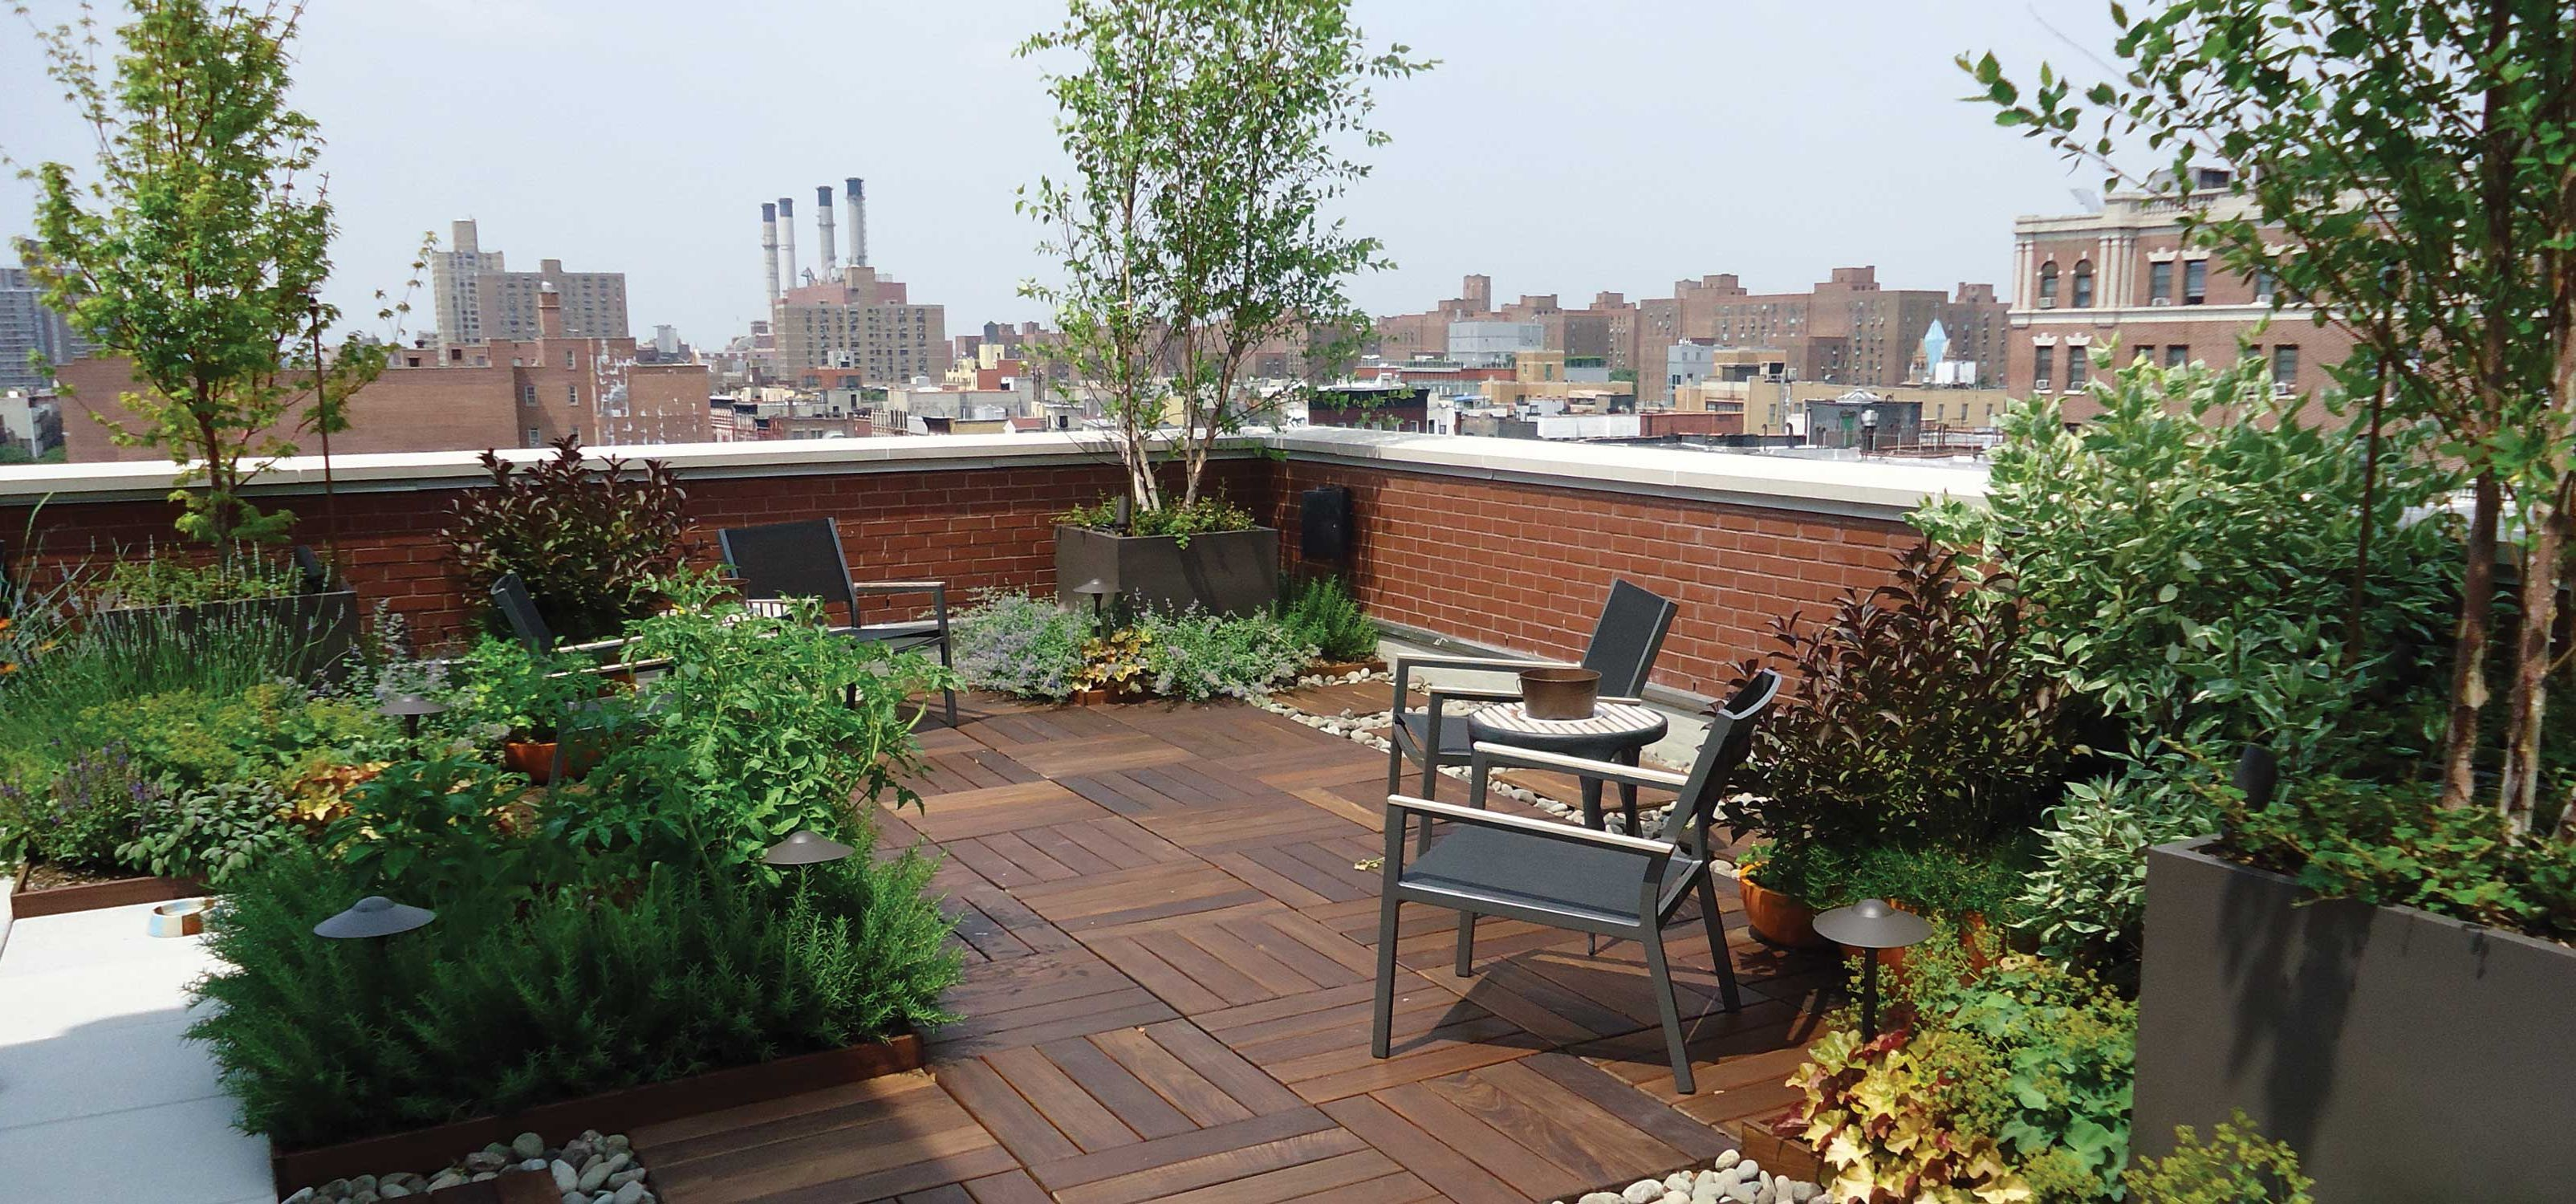 Roof Garden Design Ideas - staruptalent.com